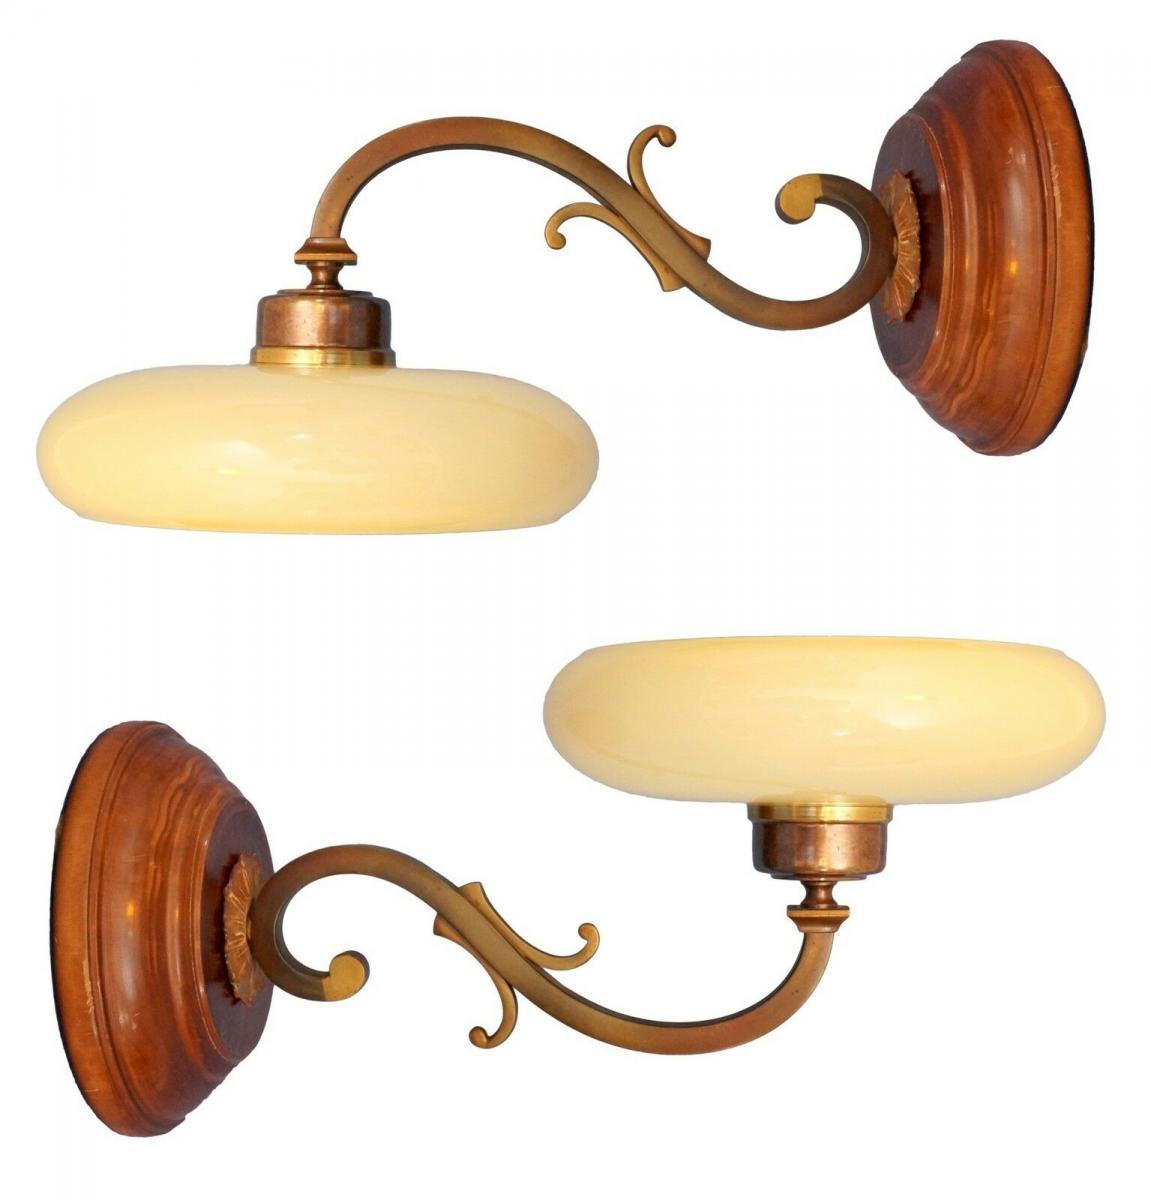 Tolle Jugendstil Wandlampe Messing Holz antiker original Opalglas-Schirm 1